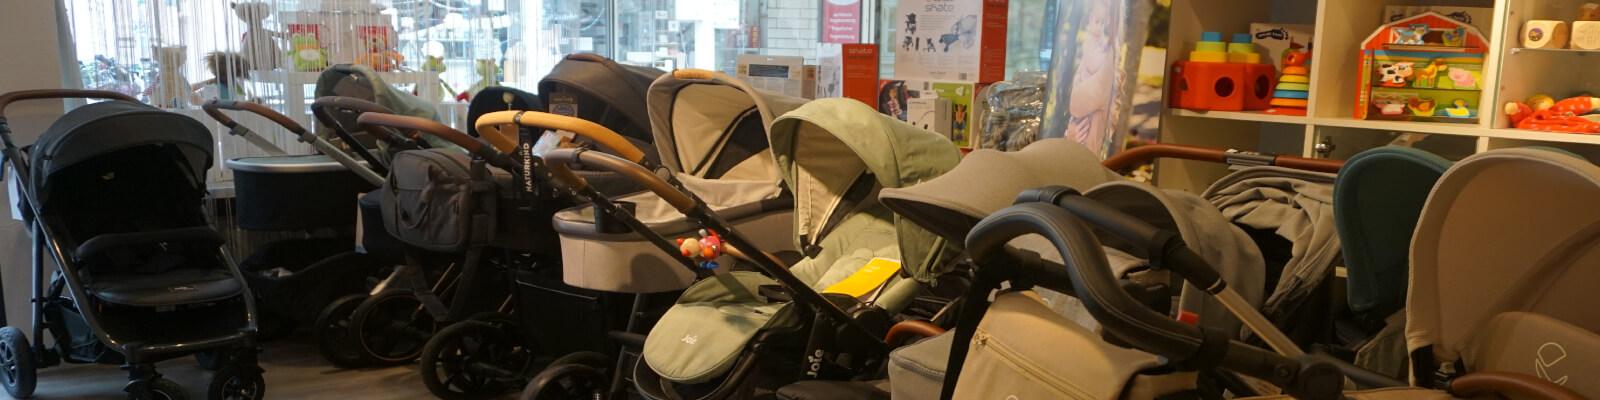 Wir stellen vor: Babystübchen & Windel-Design